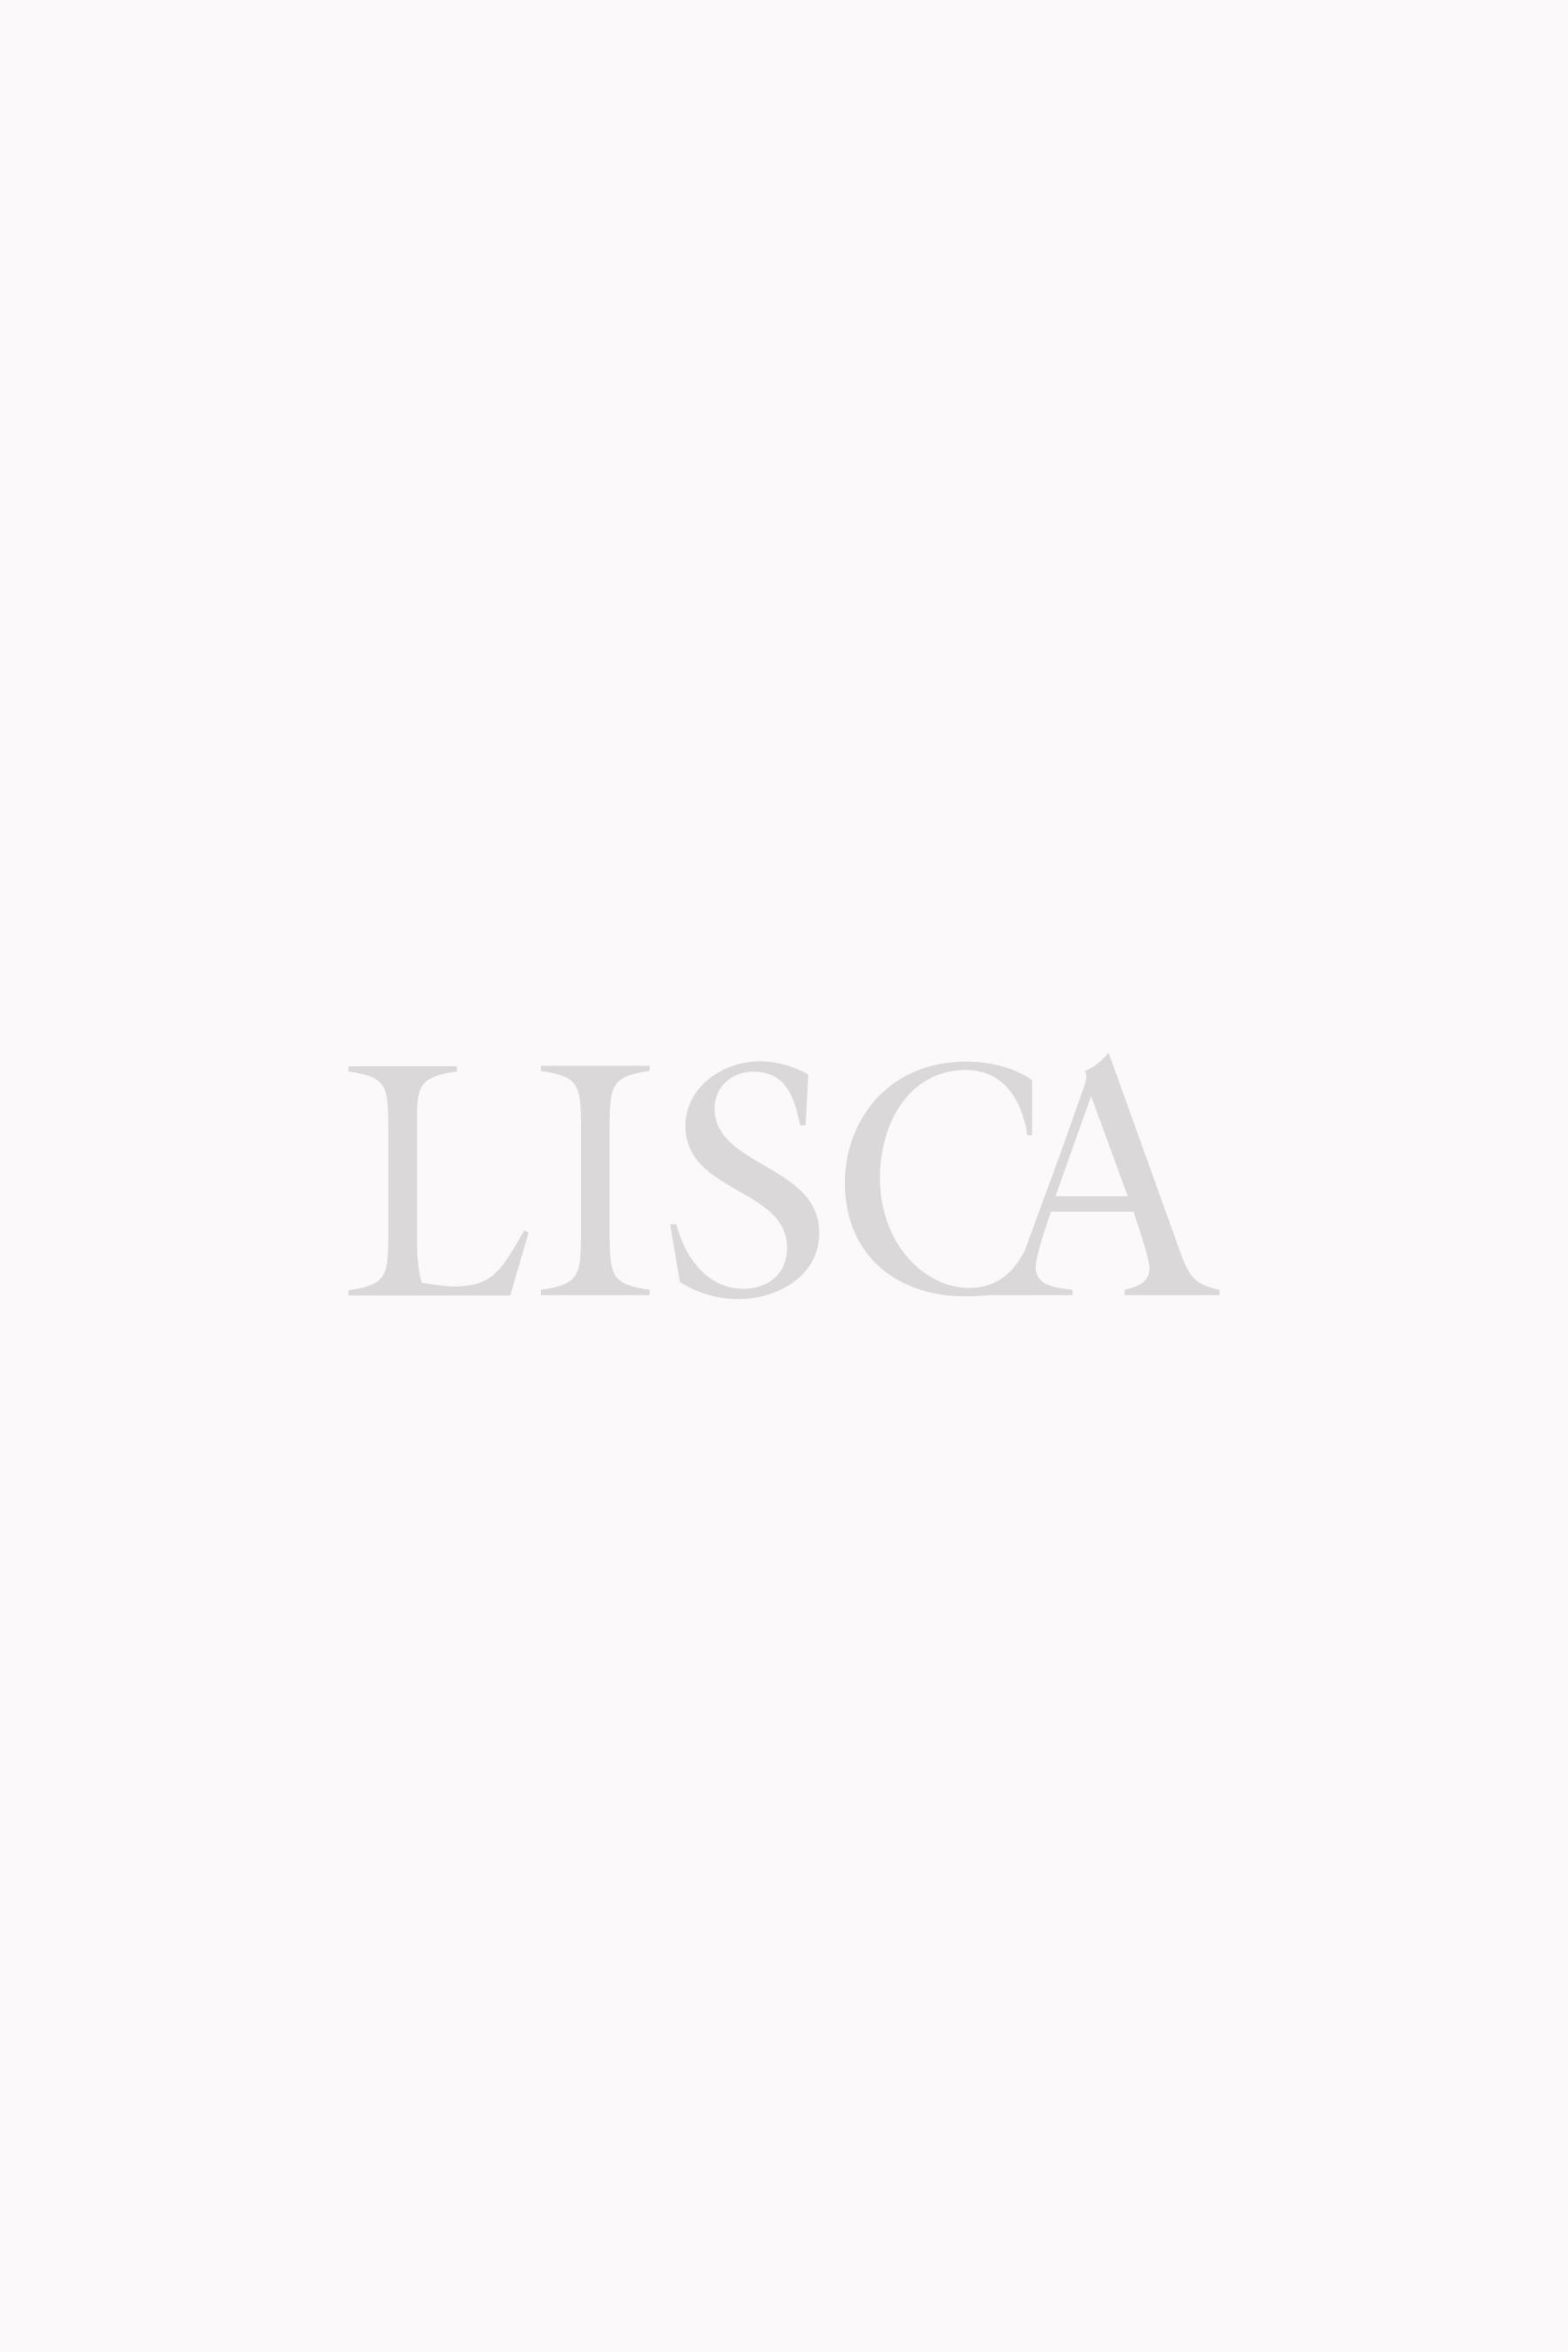 »Lionel« машки костим за капење